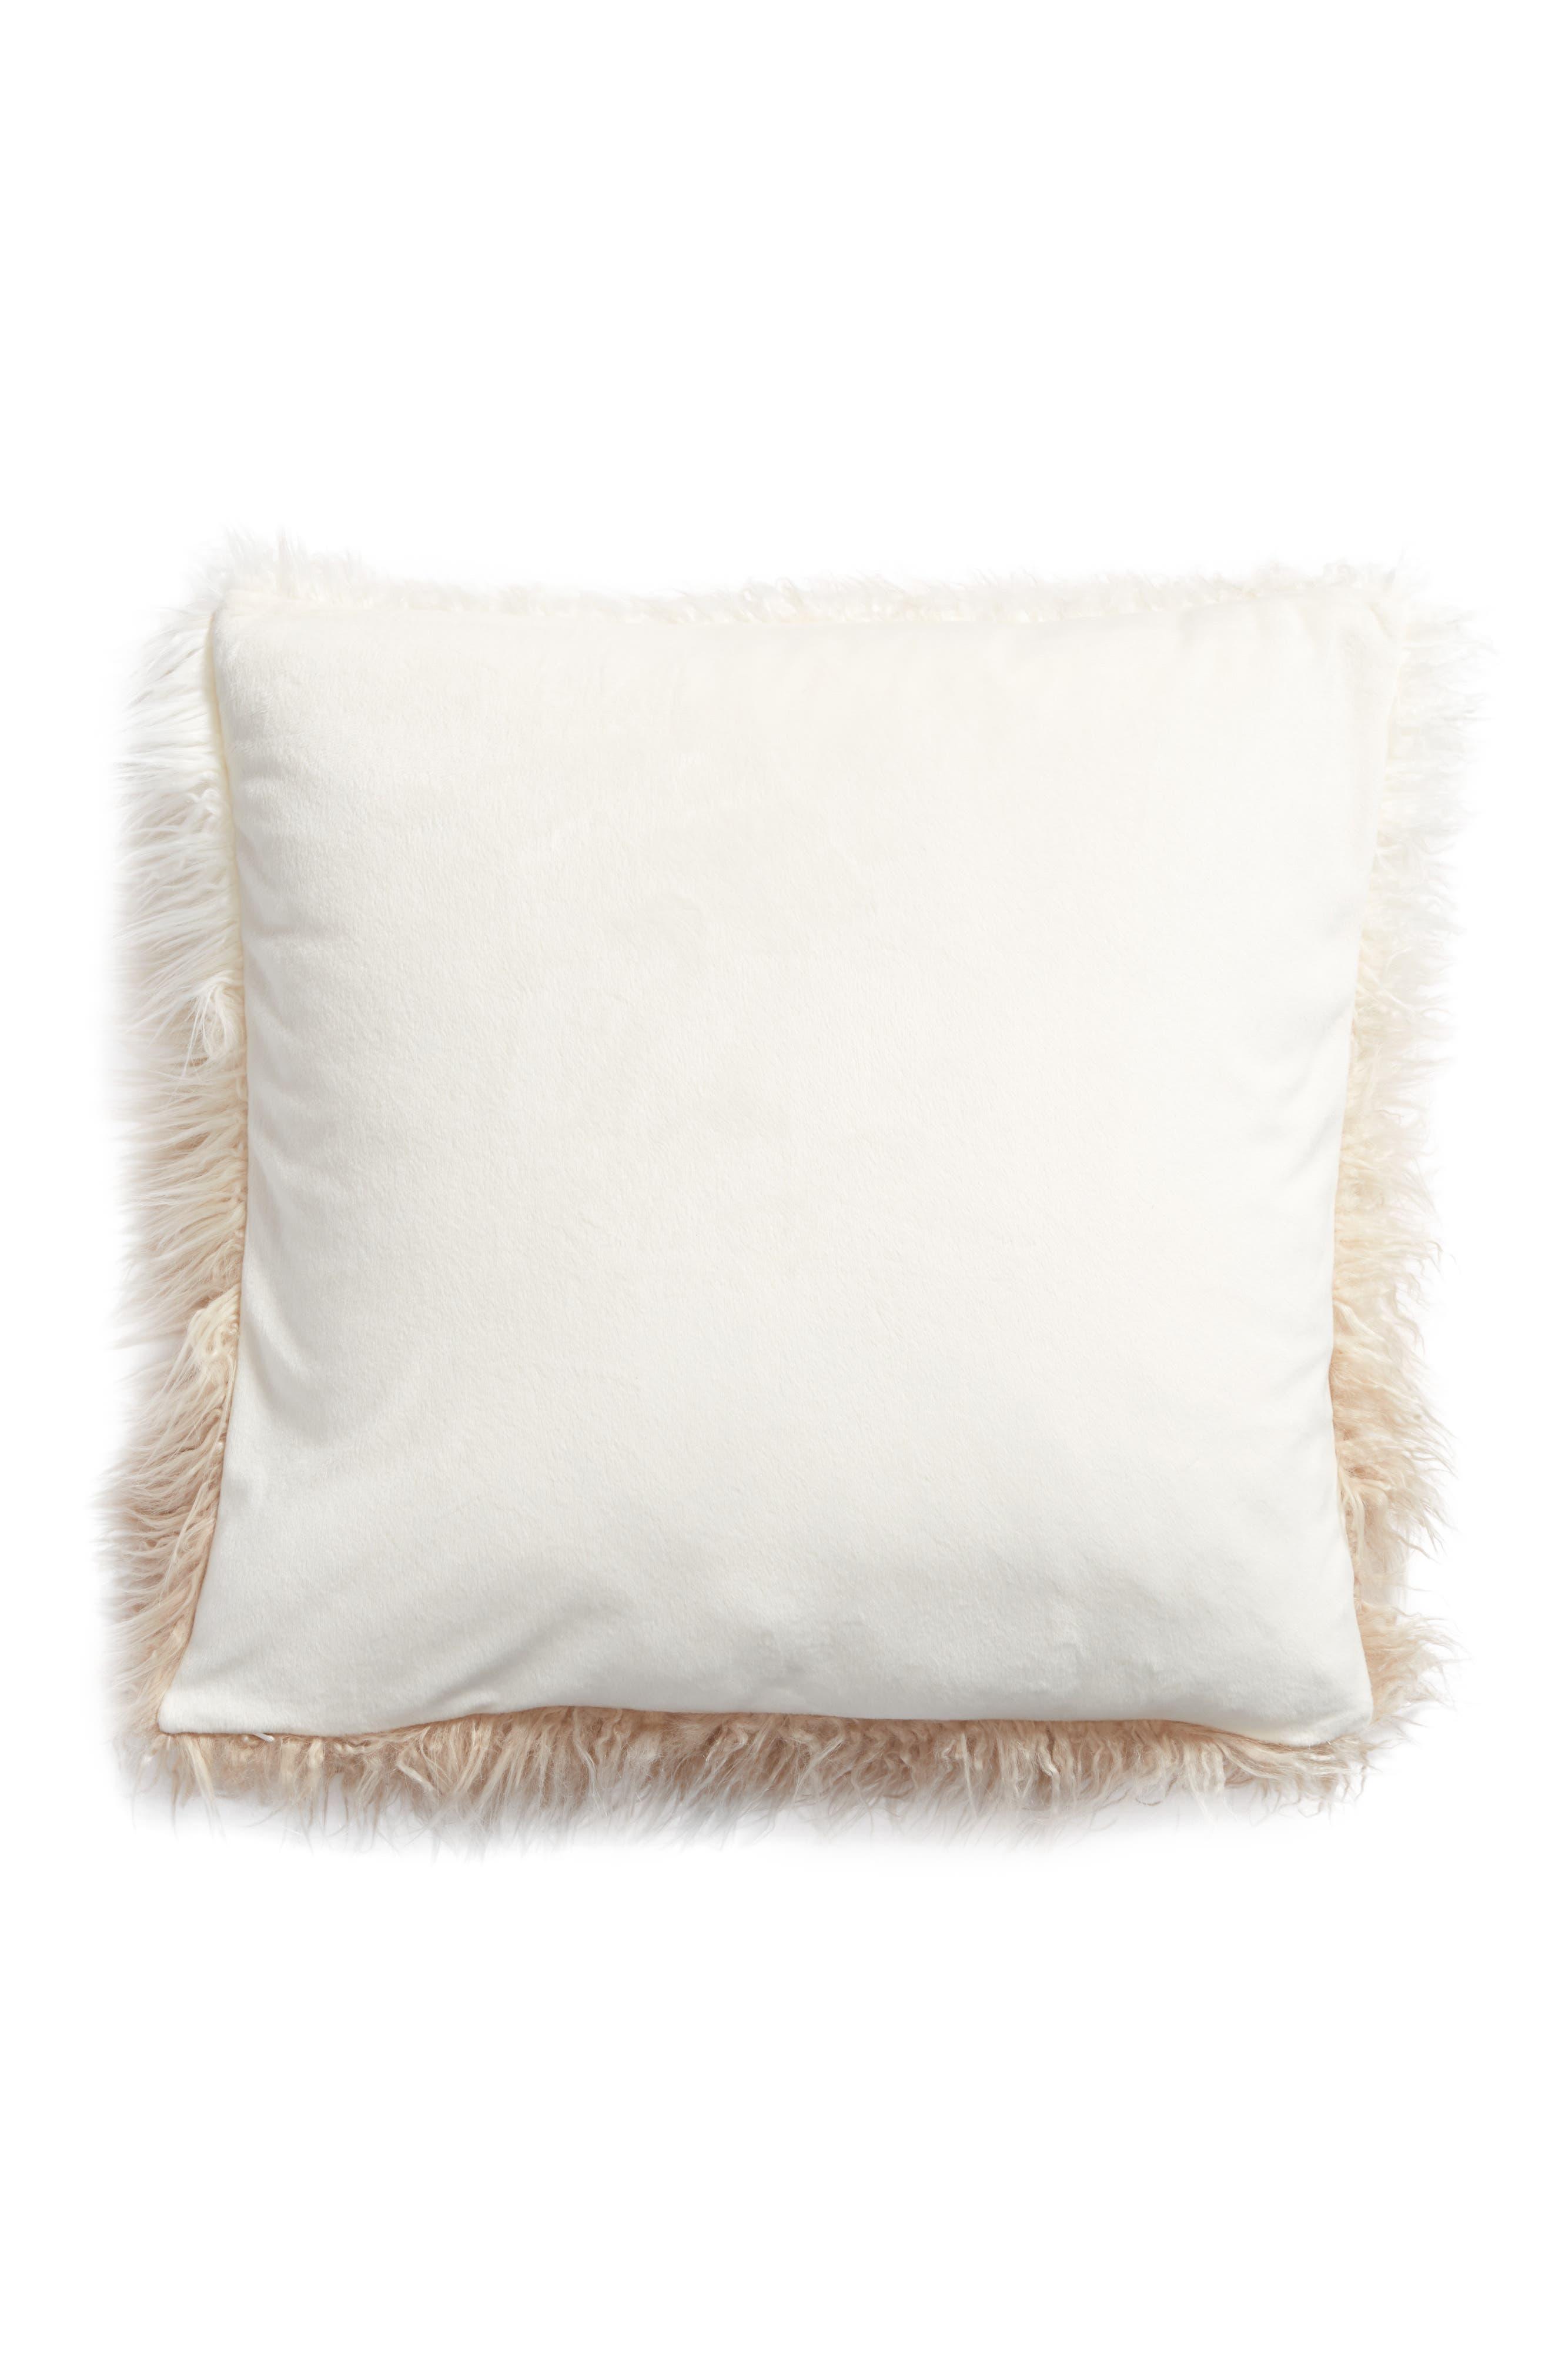 Ombré Faux Fur Flokati Accent Pillow,                             Alternate thumbnail 10, color,